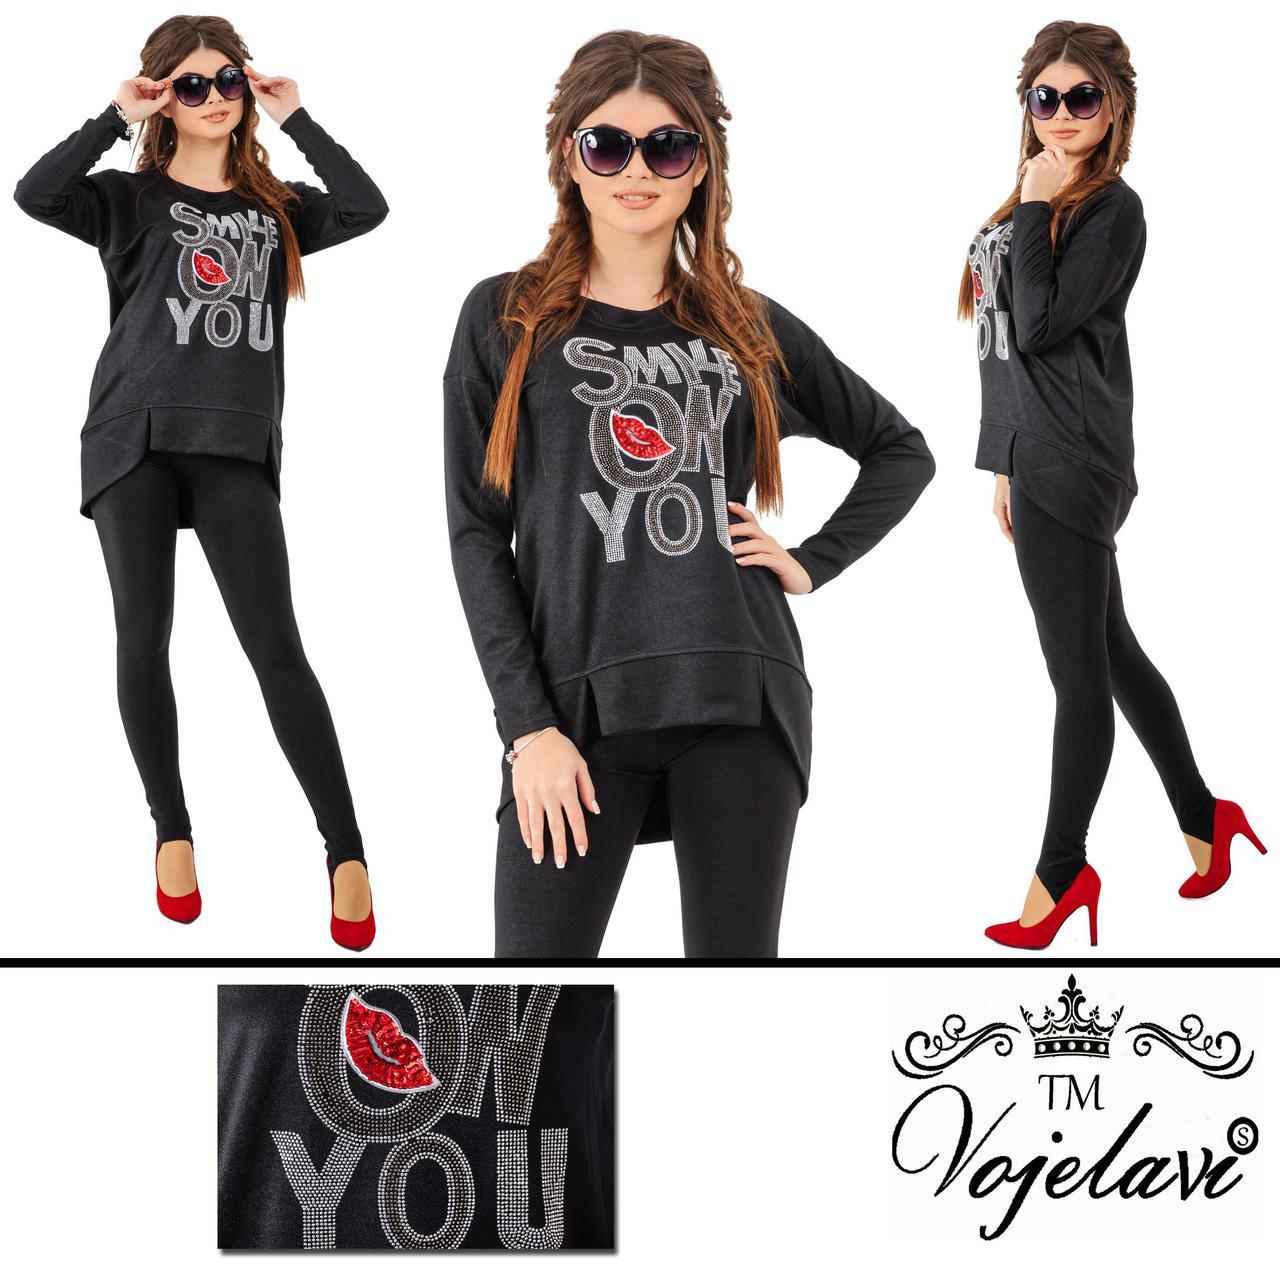 Женский черный спортивный костюм 42-46 размеры пр-во Украина 1025 ... 3a1eaaa9f34